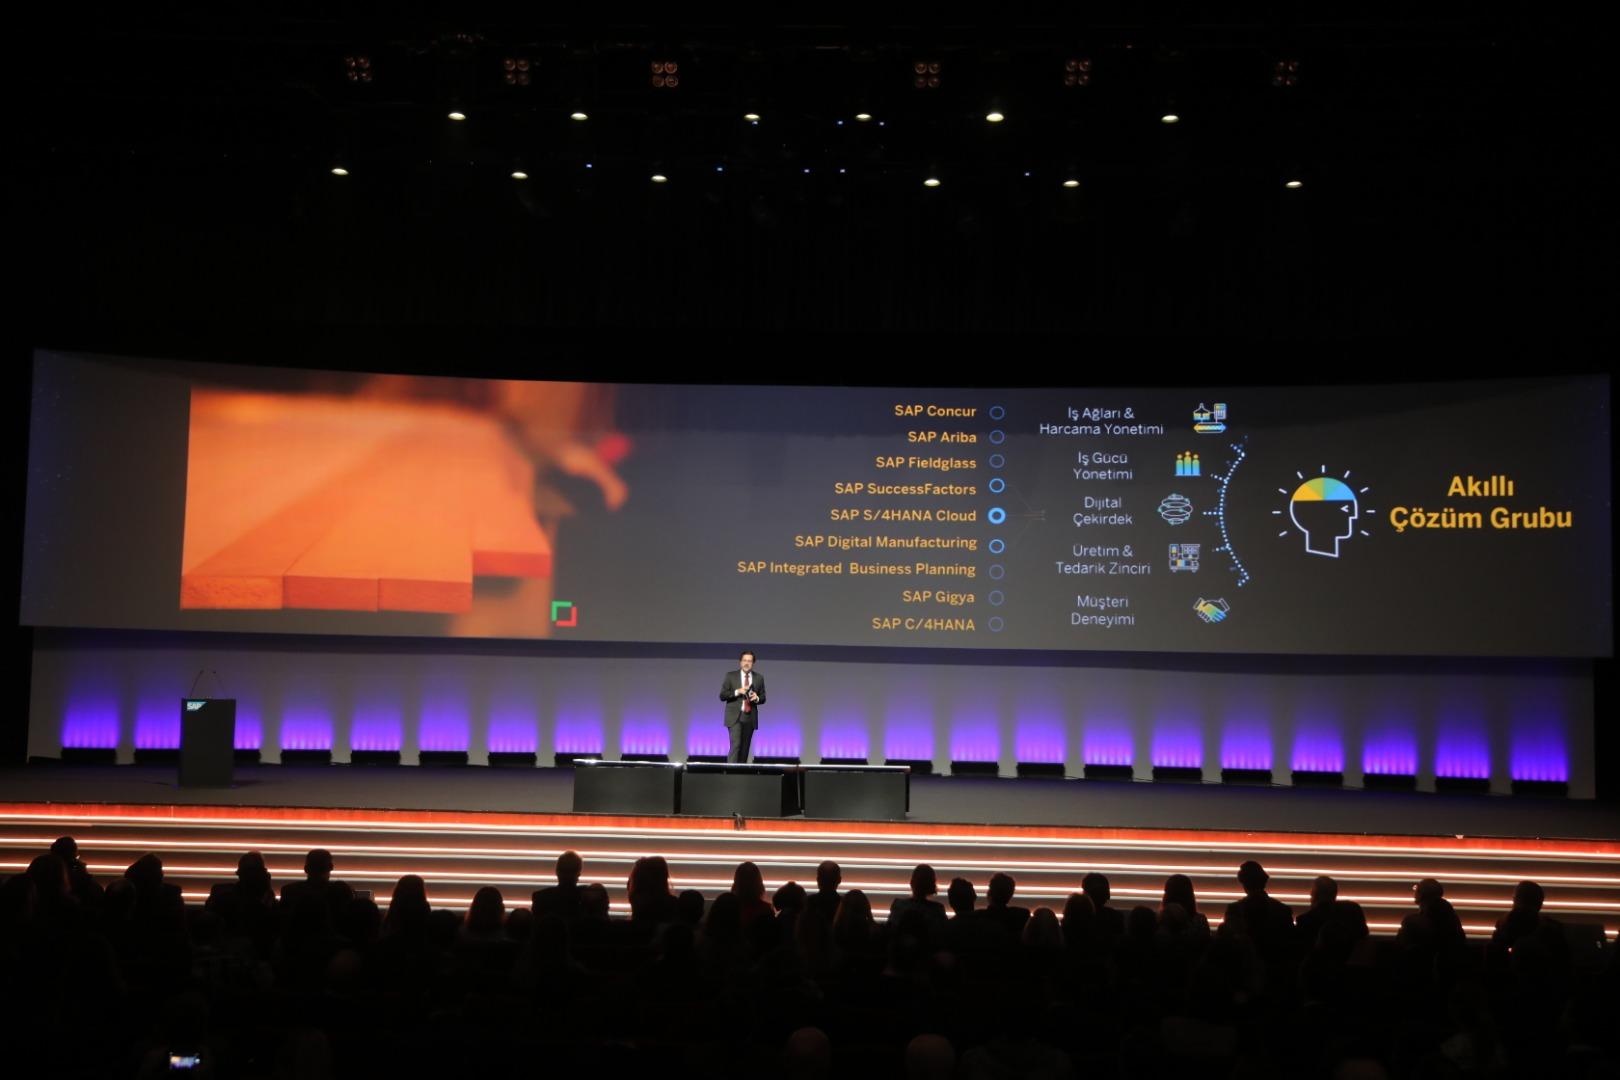 İş dünyası geleceğin teknolojilerini konuştu